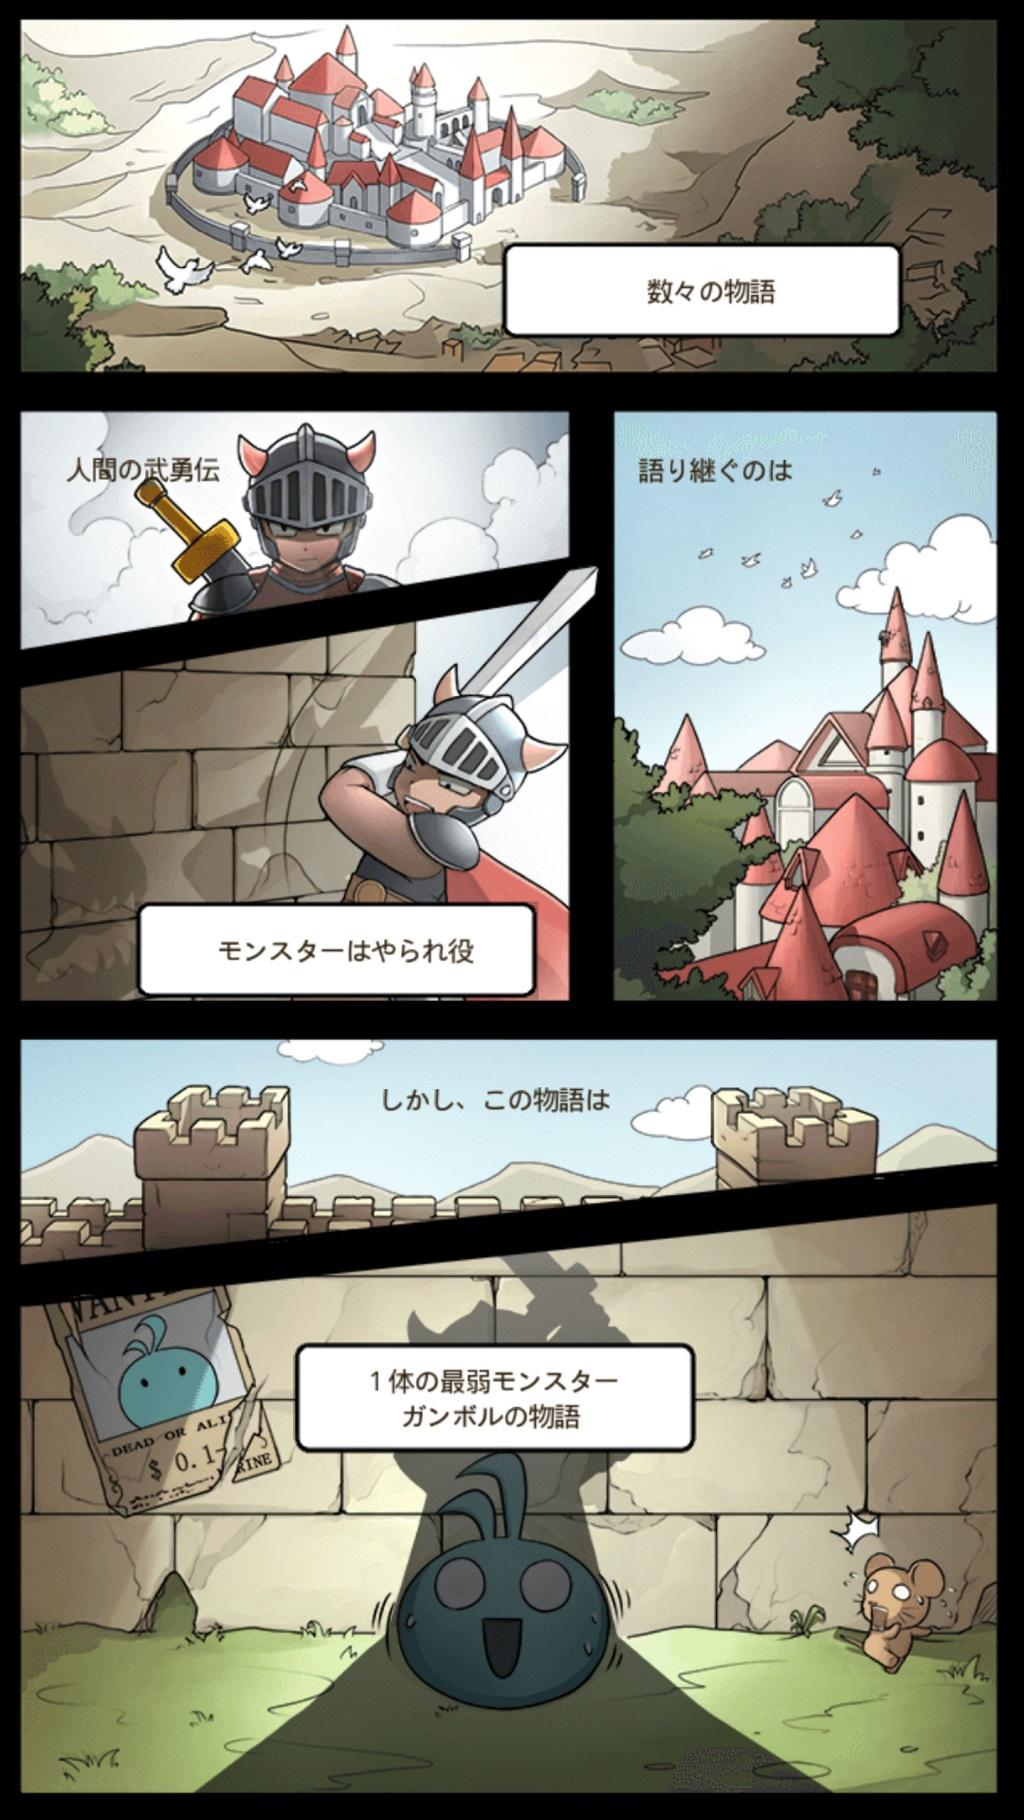 モンスターがあらわれた!『ダンジョンRPGゲーム』